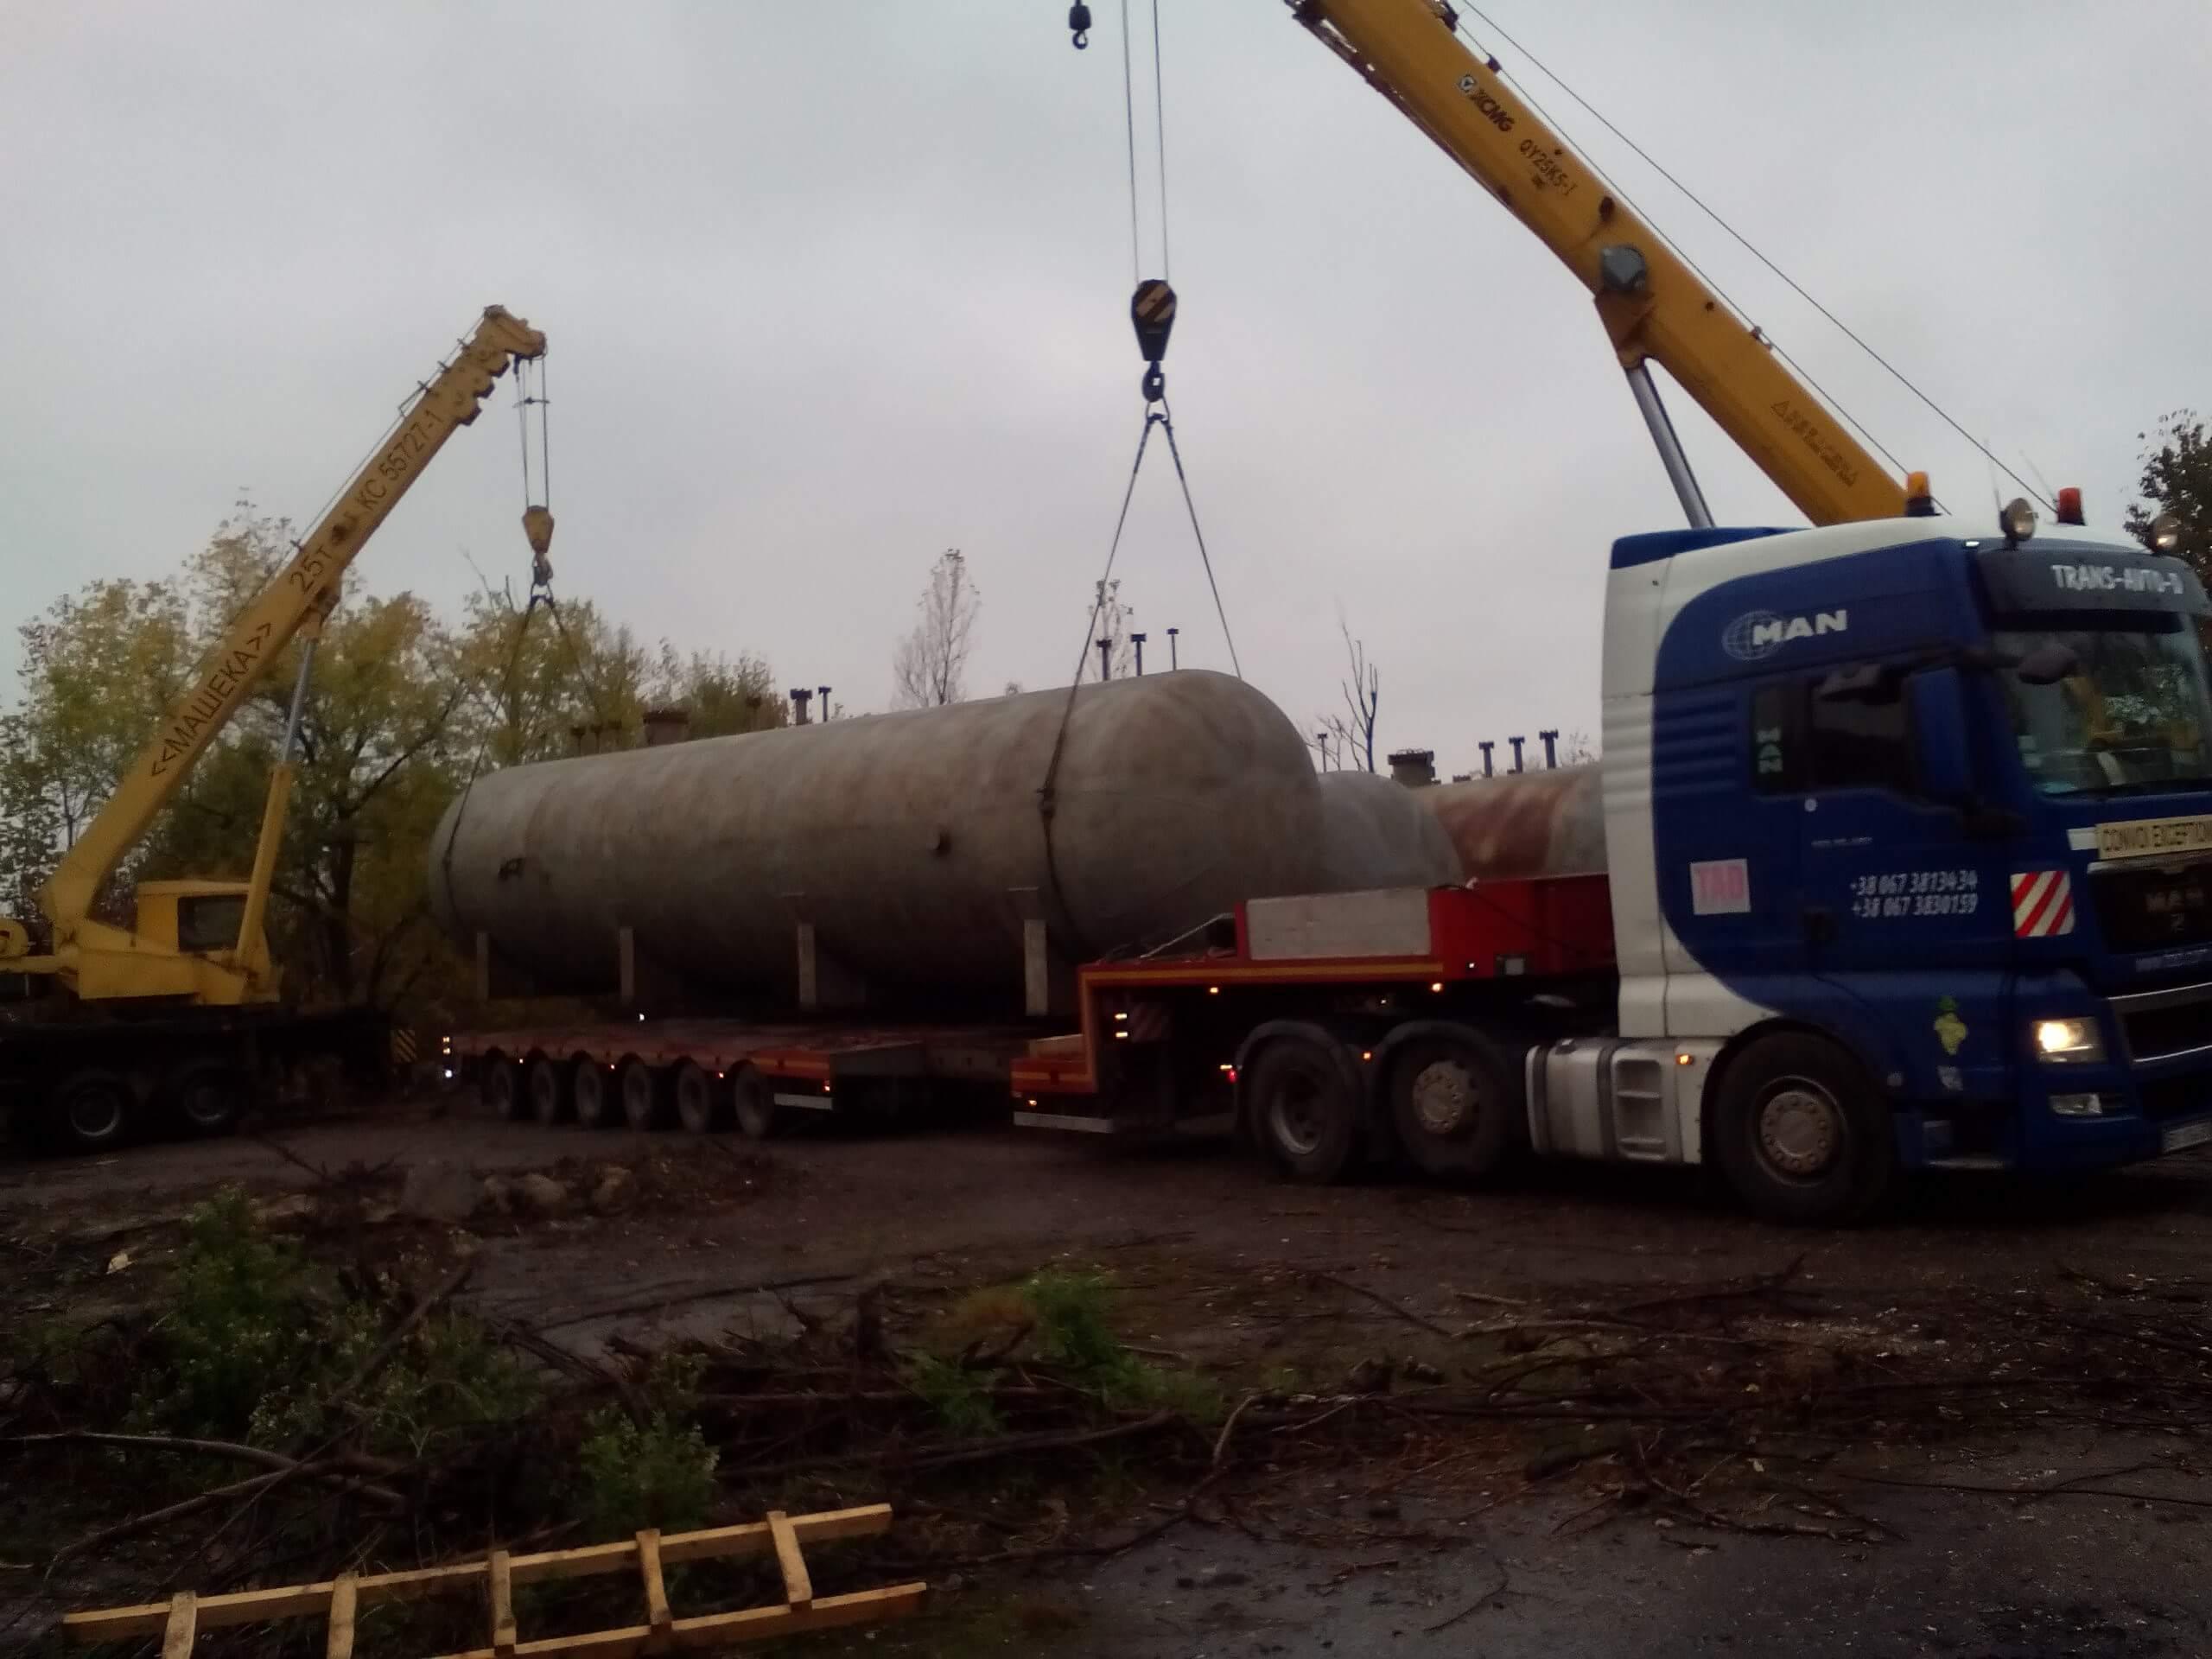 Перевозка емкостей для хранения газа по Западе Украины